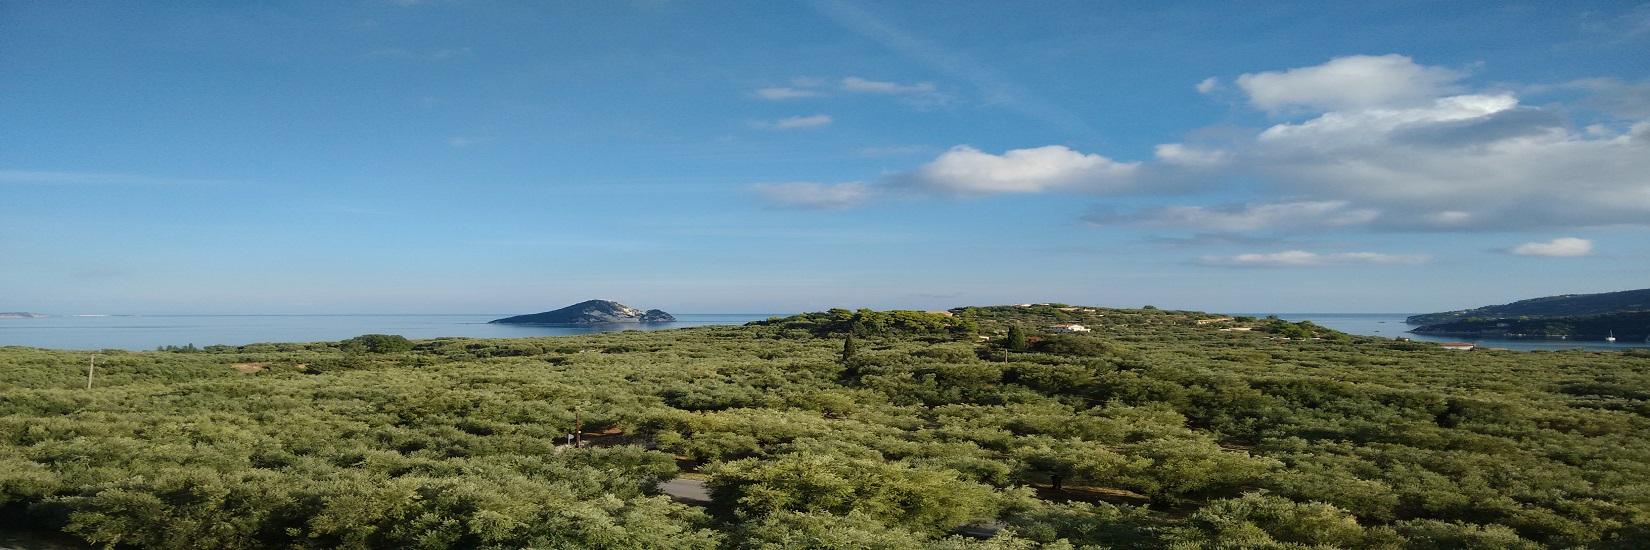 Camminando camminando…due passi nelle Isole Ionie